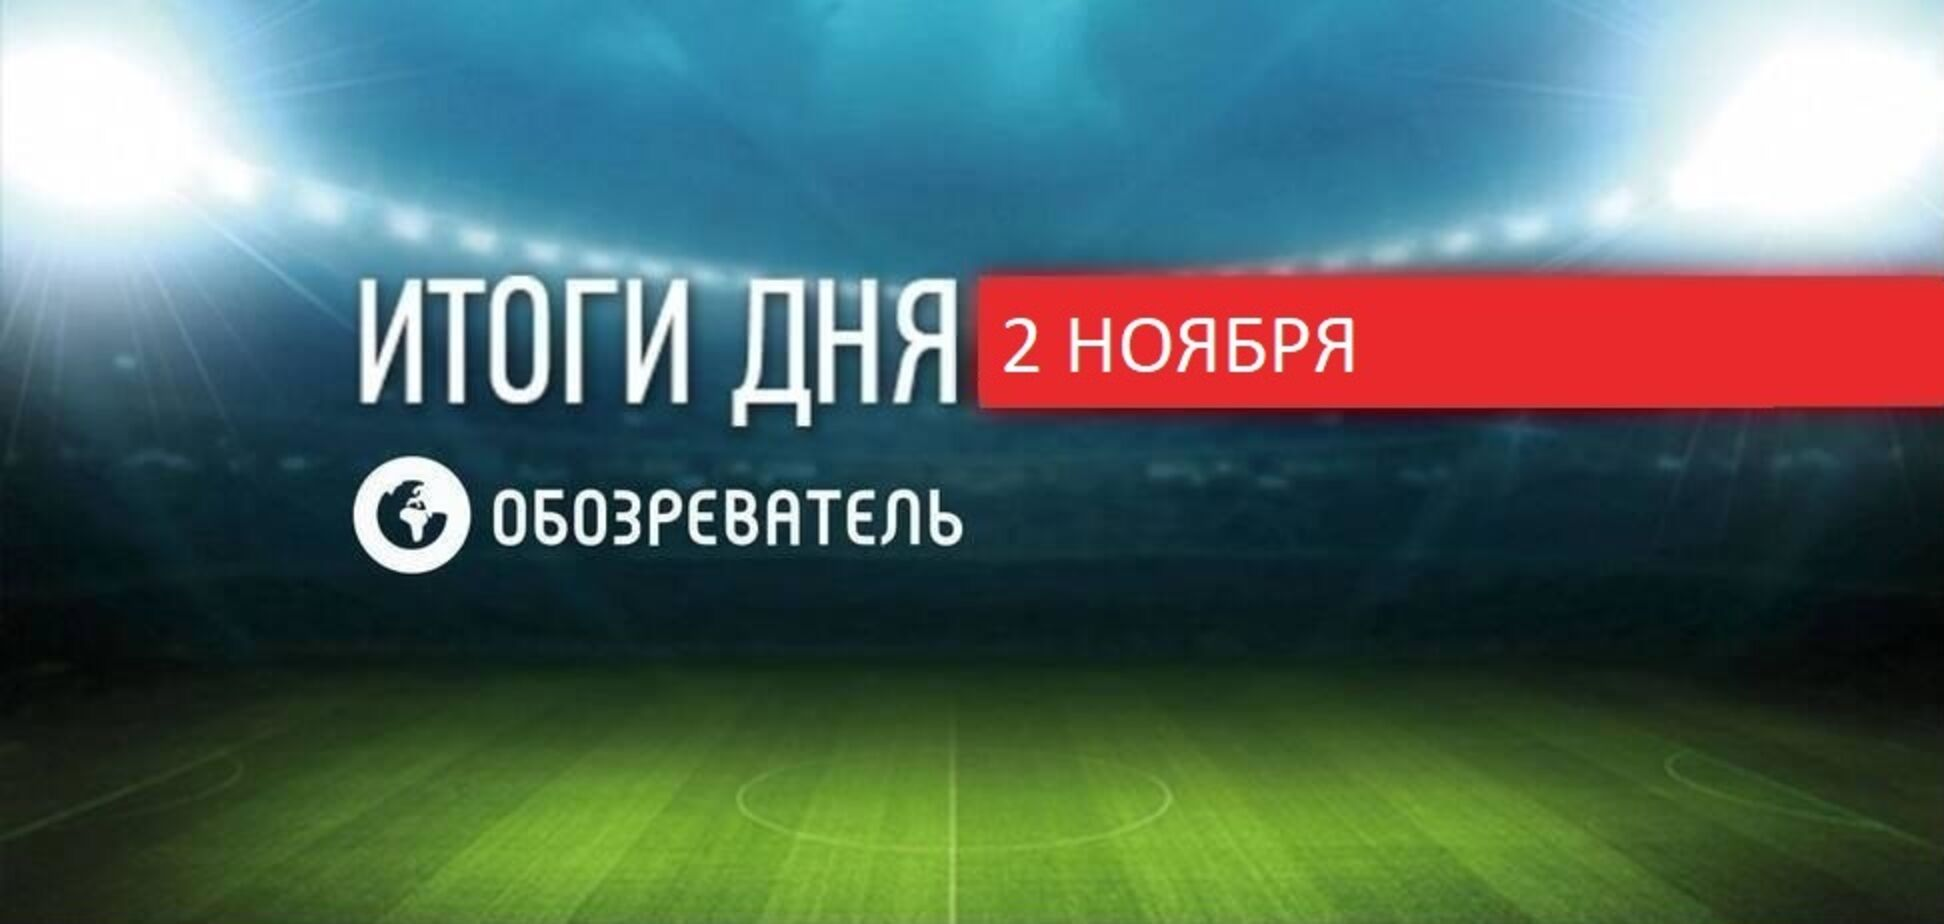 Матч 'Барселона' – 'Динамо' в ЛЧ під загрозою зриву: спортивні підсумки 2 листопада